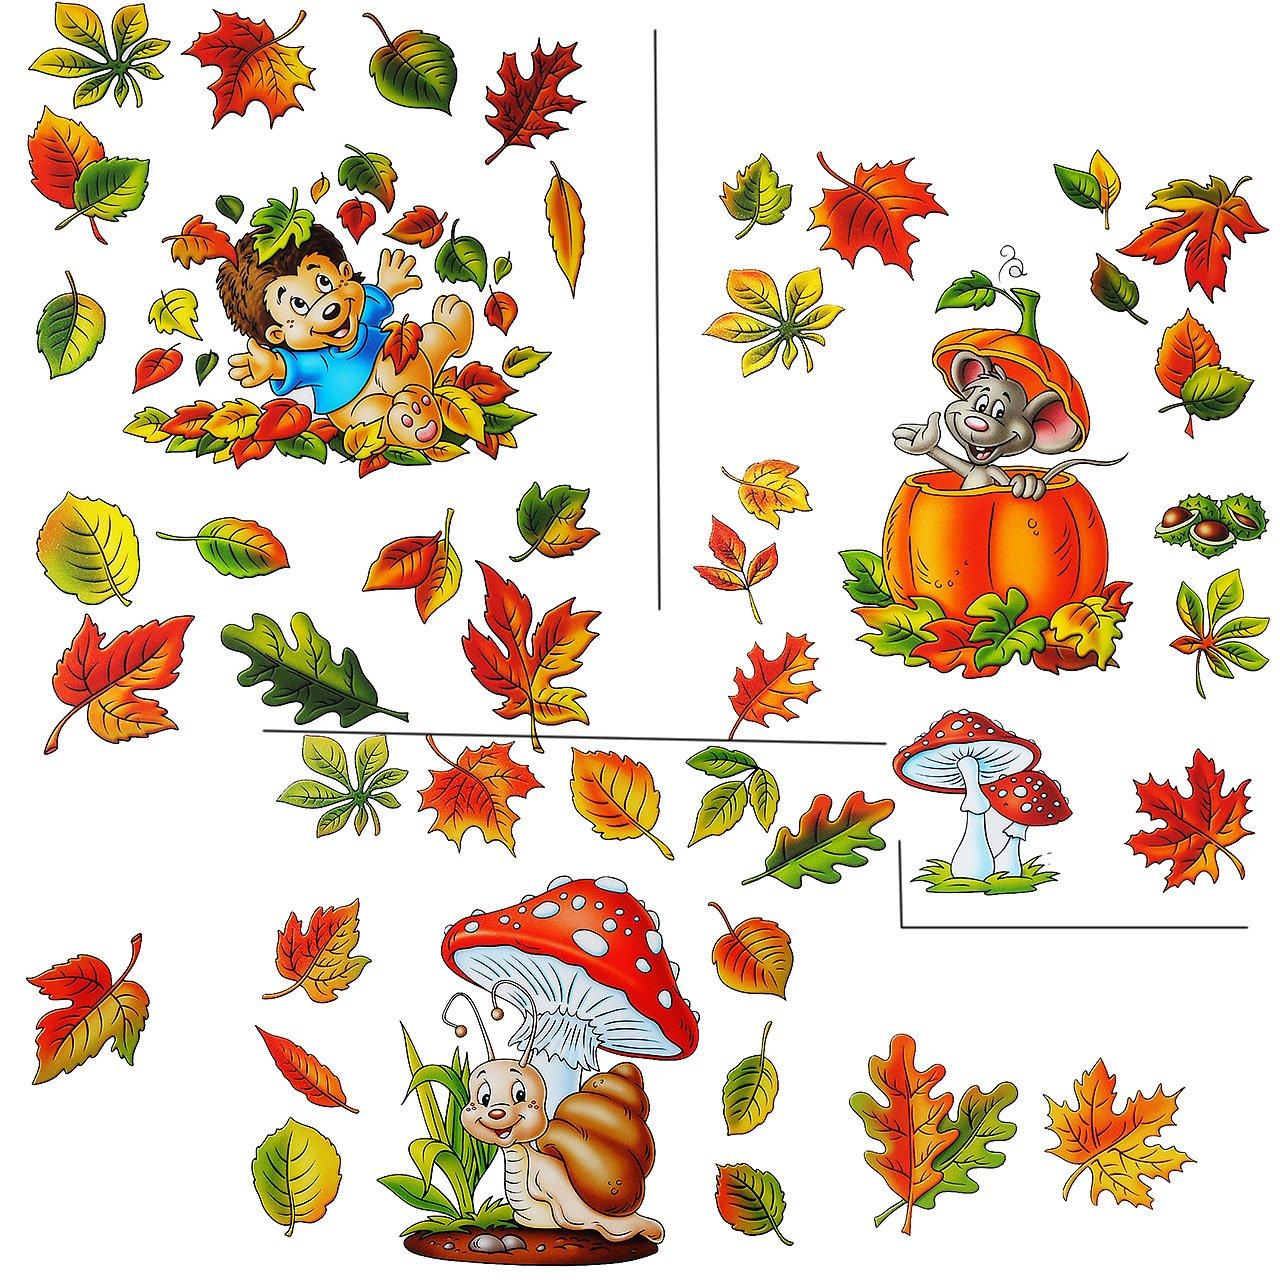 """2 versch. Bögen: Fensterbilder """" lustige Tiere im Herbst """" – Blätter / Igel / Maus / Schnecke – Pilz / Kürbis / Eicheln sammeln – Laubblätter – statisch haftend – selbstklebend + wiederverwendbar / Sticker Fenstersticker Aufkleber – Herbstfrüchte Kastanien Kürbisse – Fensterbild – z.B. für Fenster und Spiegel – Fensterdeko Fensterfolie Kinderzimmer Deko günstig"""